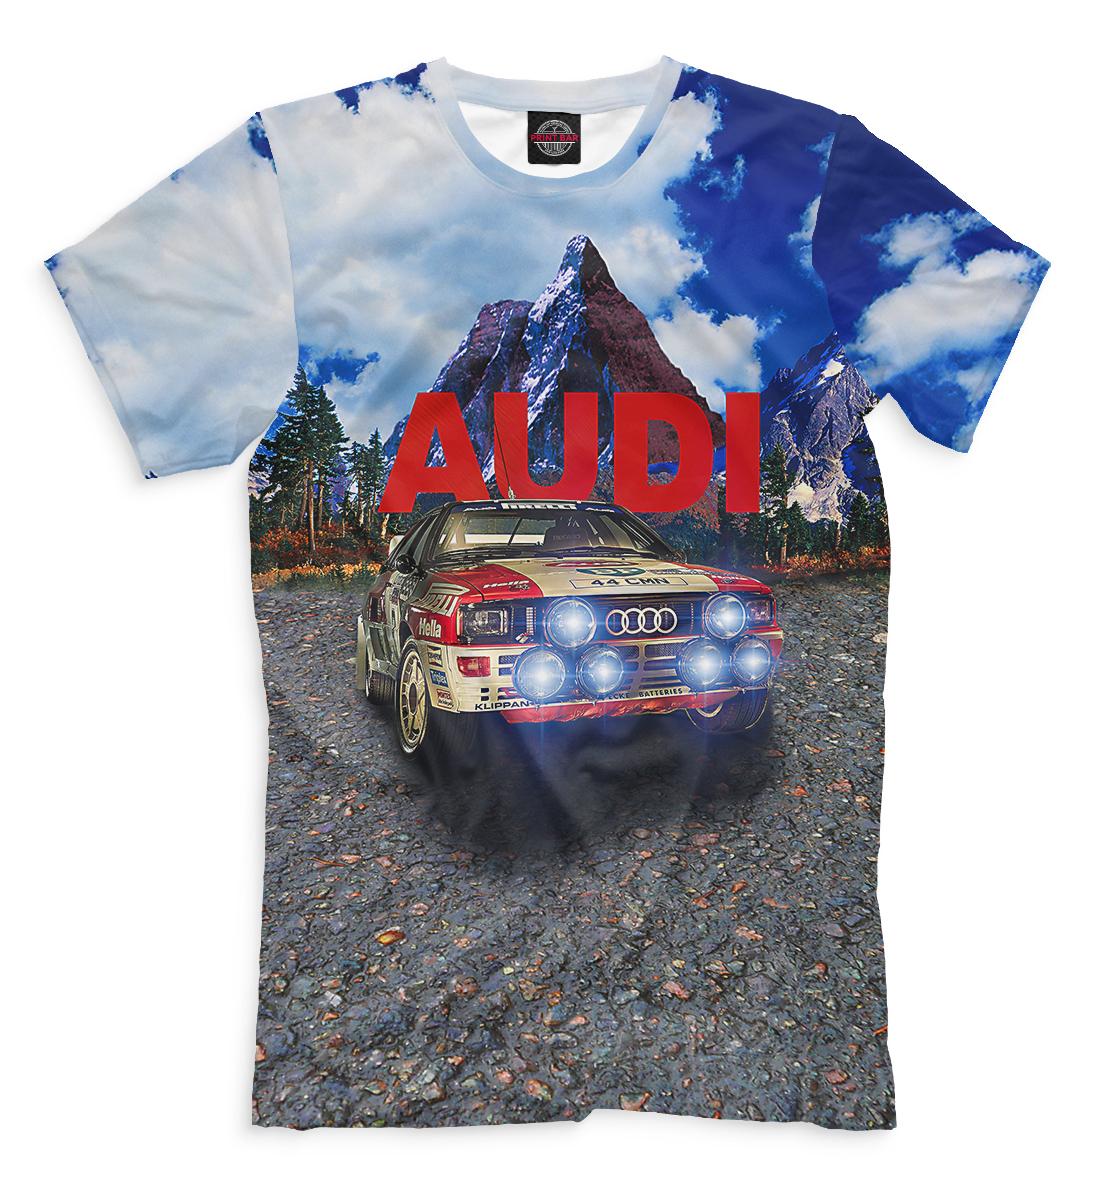 Купить Audi, Printbar, Футболки, AUD-114735-fut-2